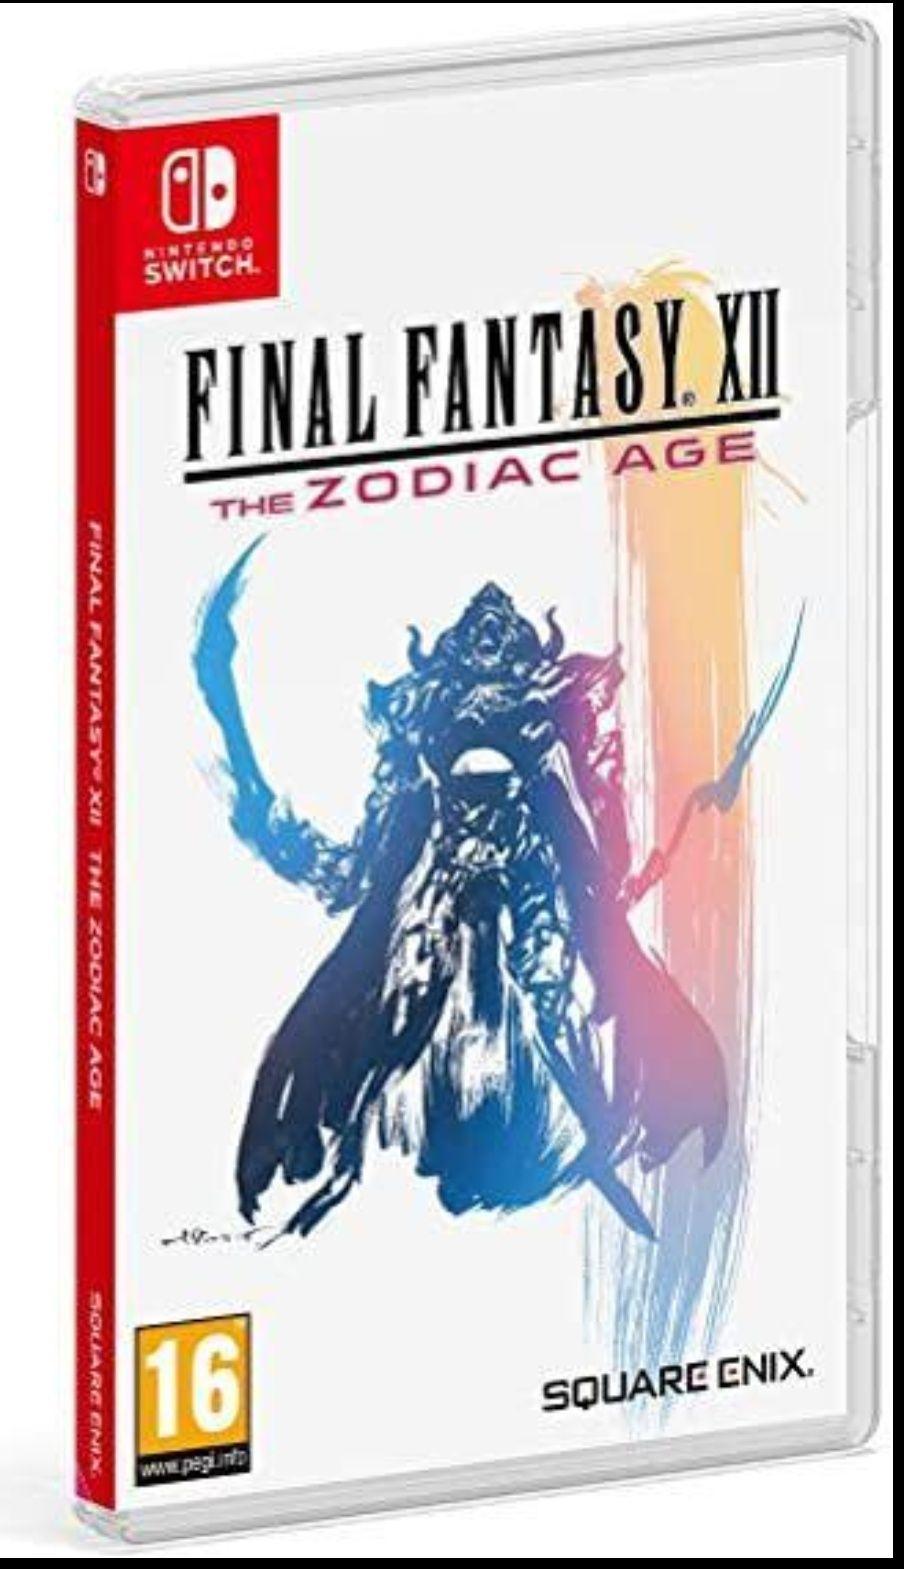 Final Fantasy XII : The Zodiac Age Nintendo Switch